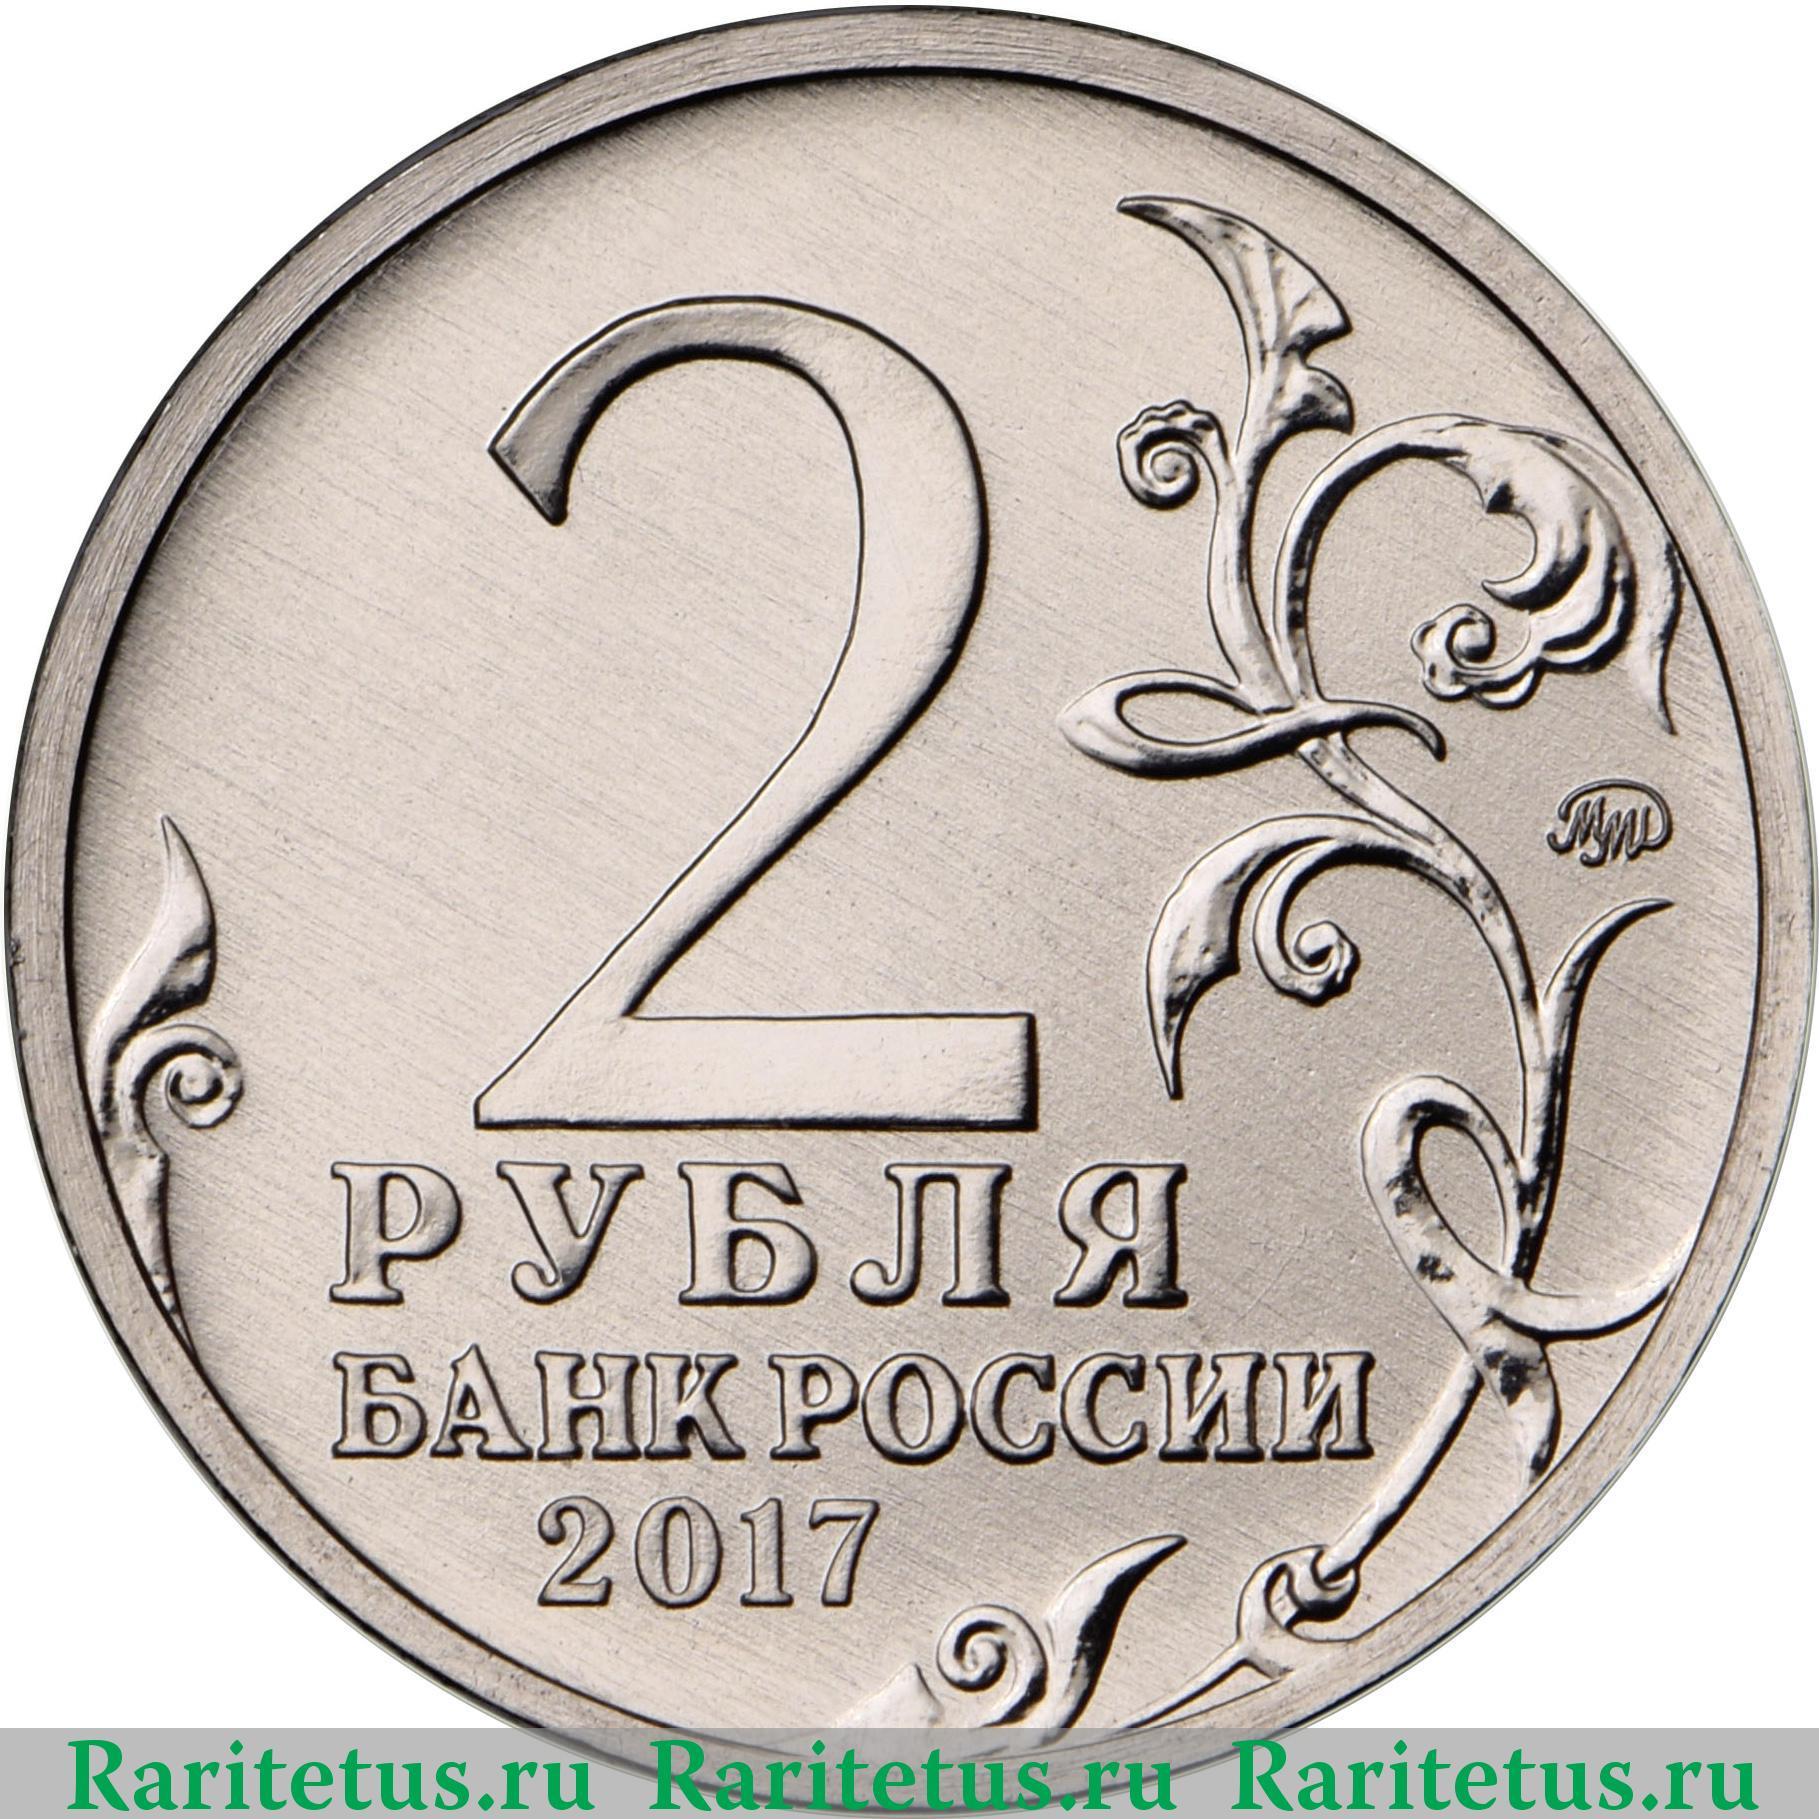 Купить монеты севастополь адреса 5 копеек 2004 сп